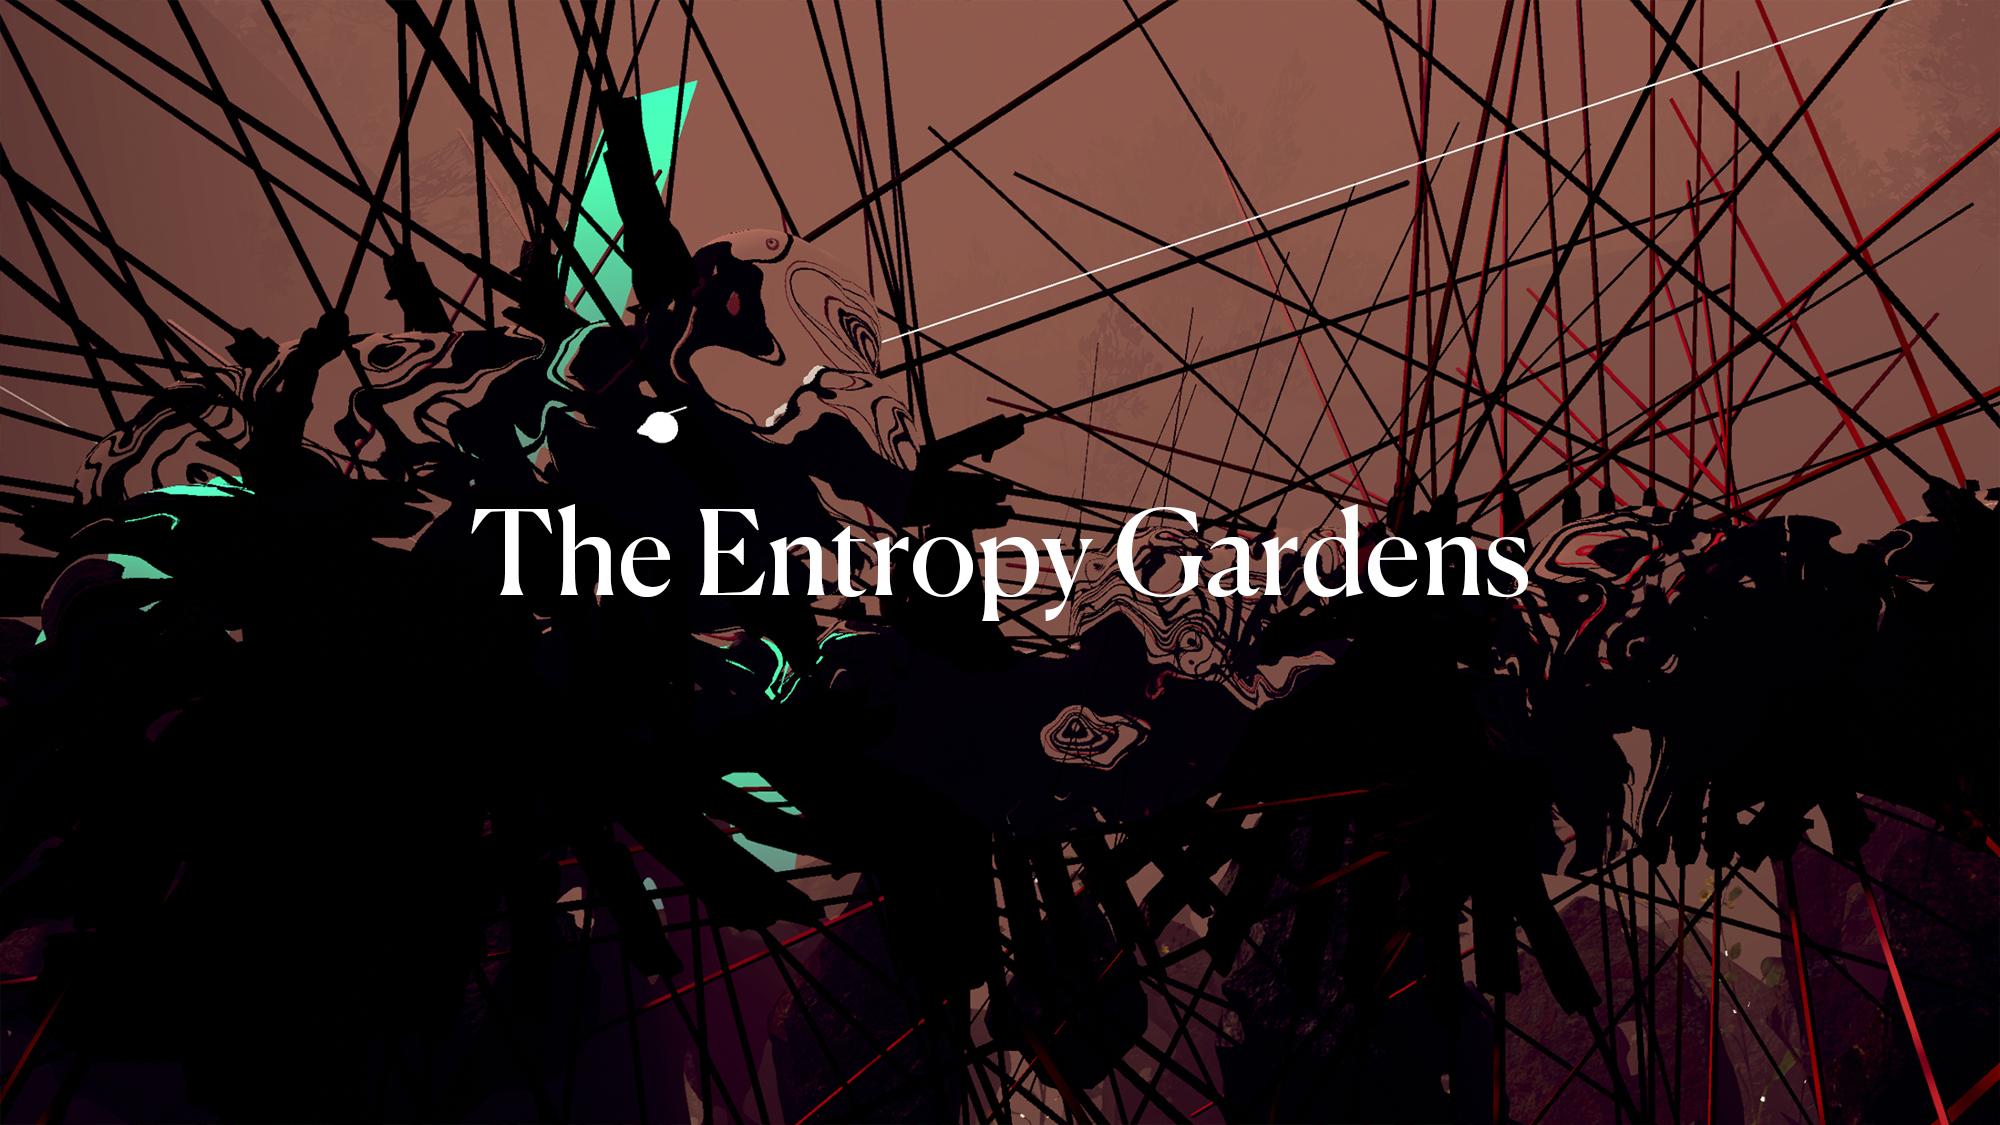 Depart - The Entropy Gardens